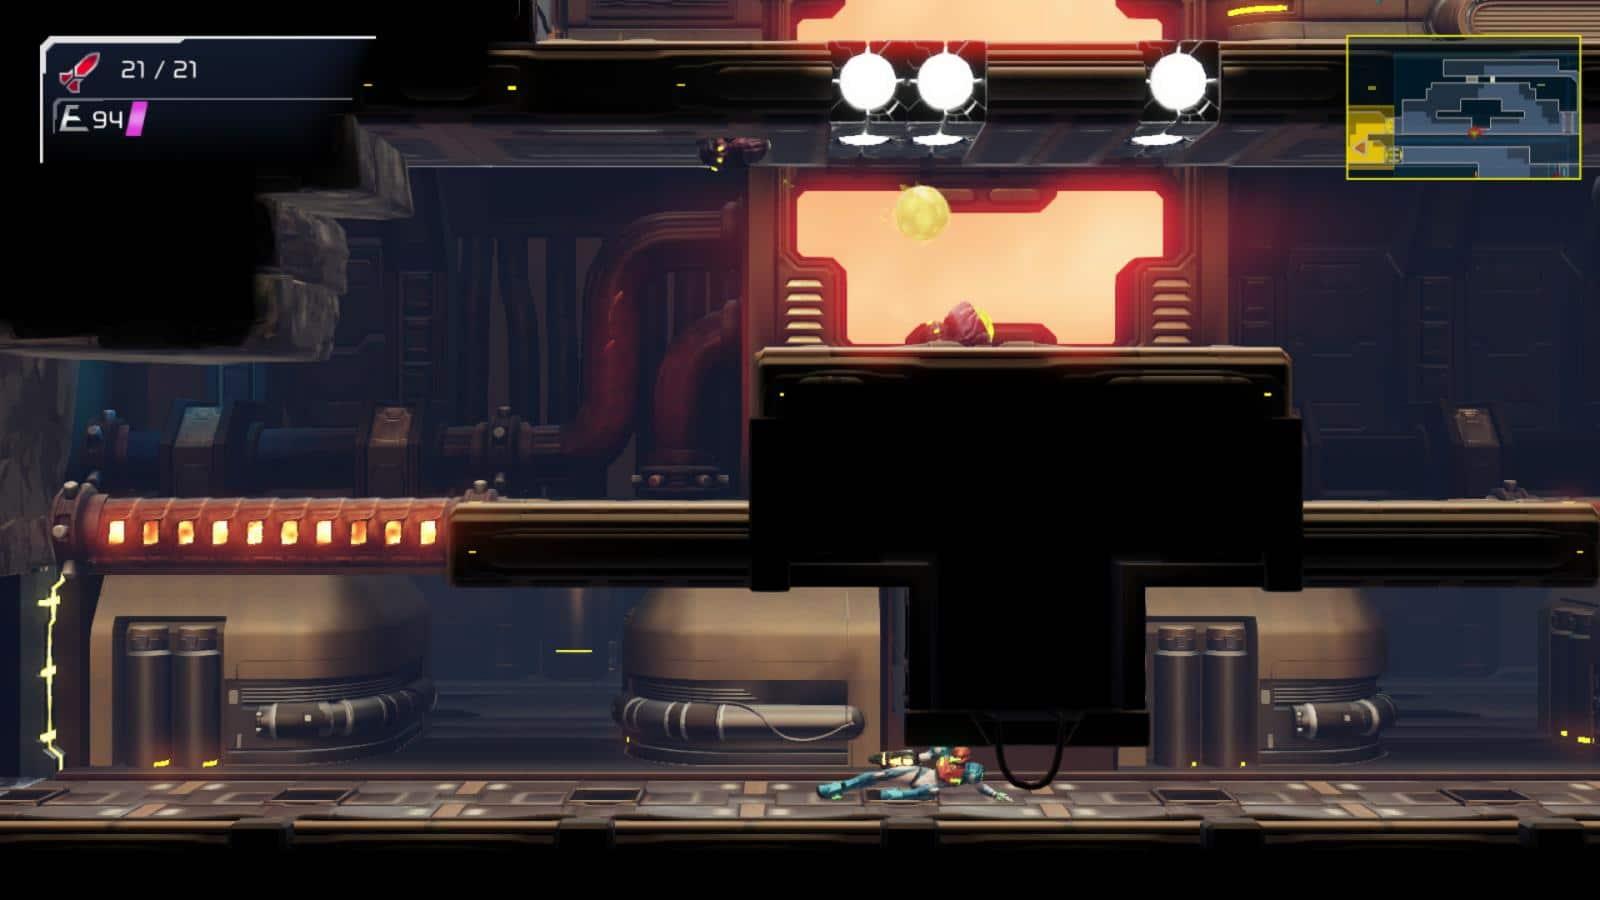 צילום מסך 2 למשחק: Metroid Dread לקונסולת נינטנדו סוויץ'